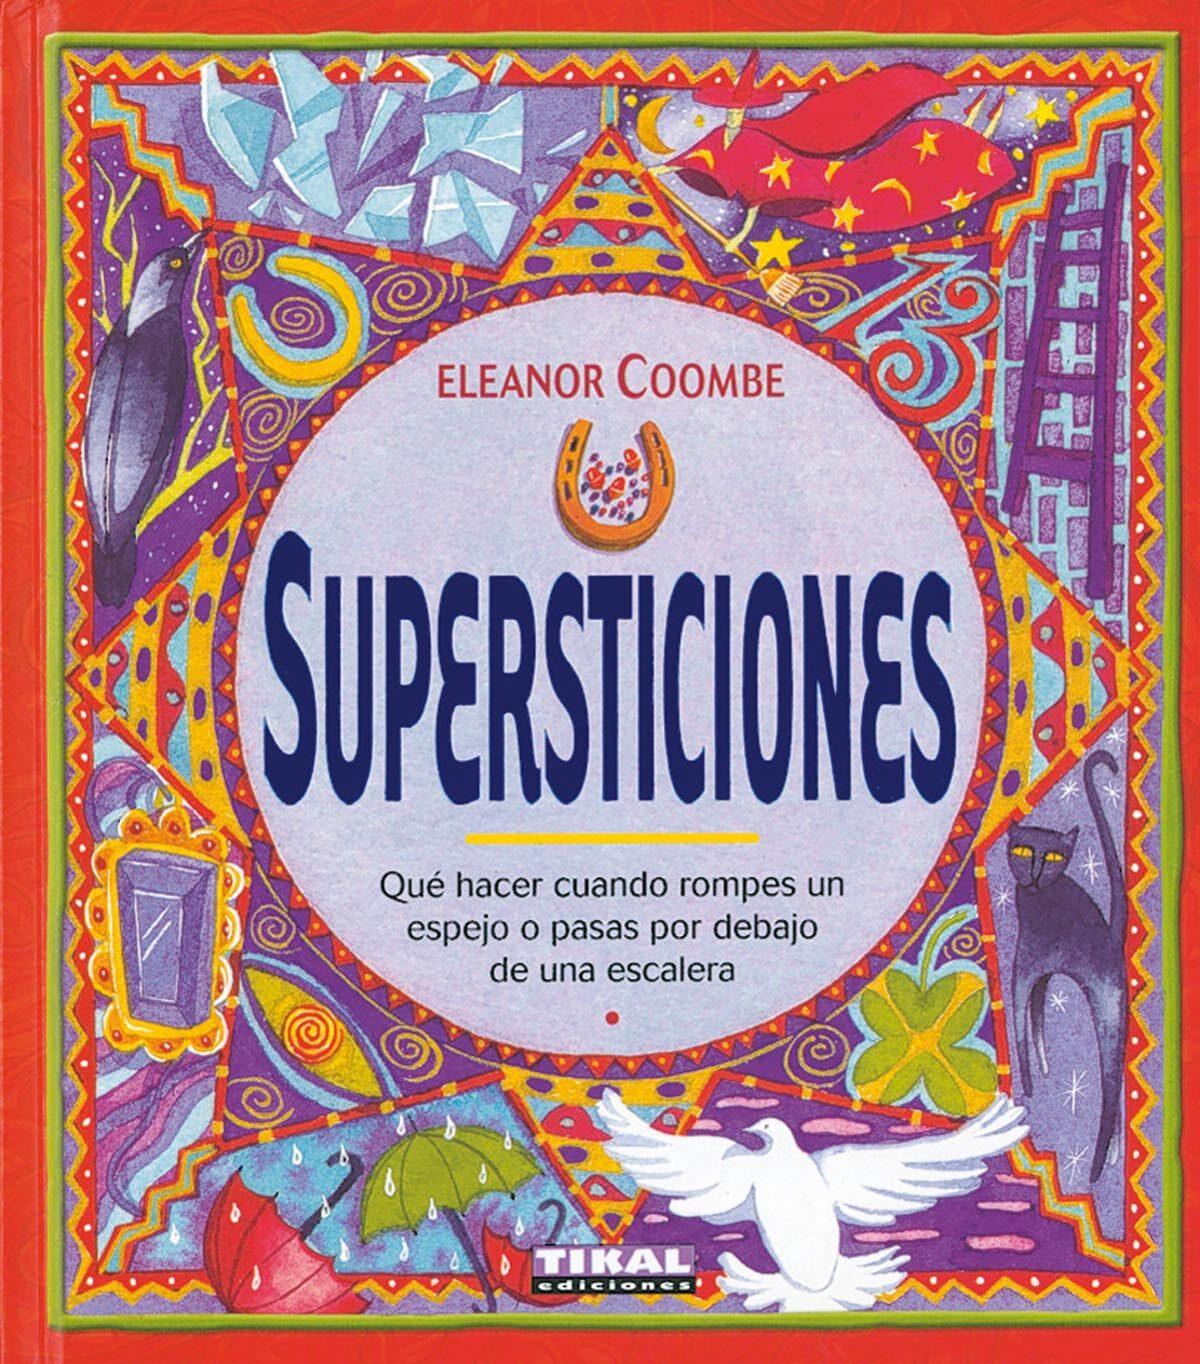 Supersticiones: Que Hacer Cuando Rompes Une Spejo O Pasas Por Deb Ajo - Coombe Eleanor